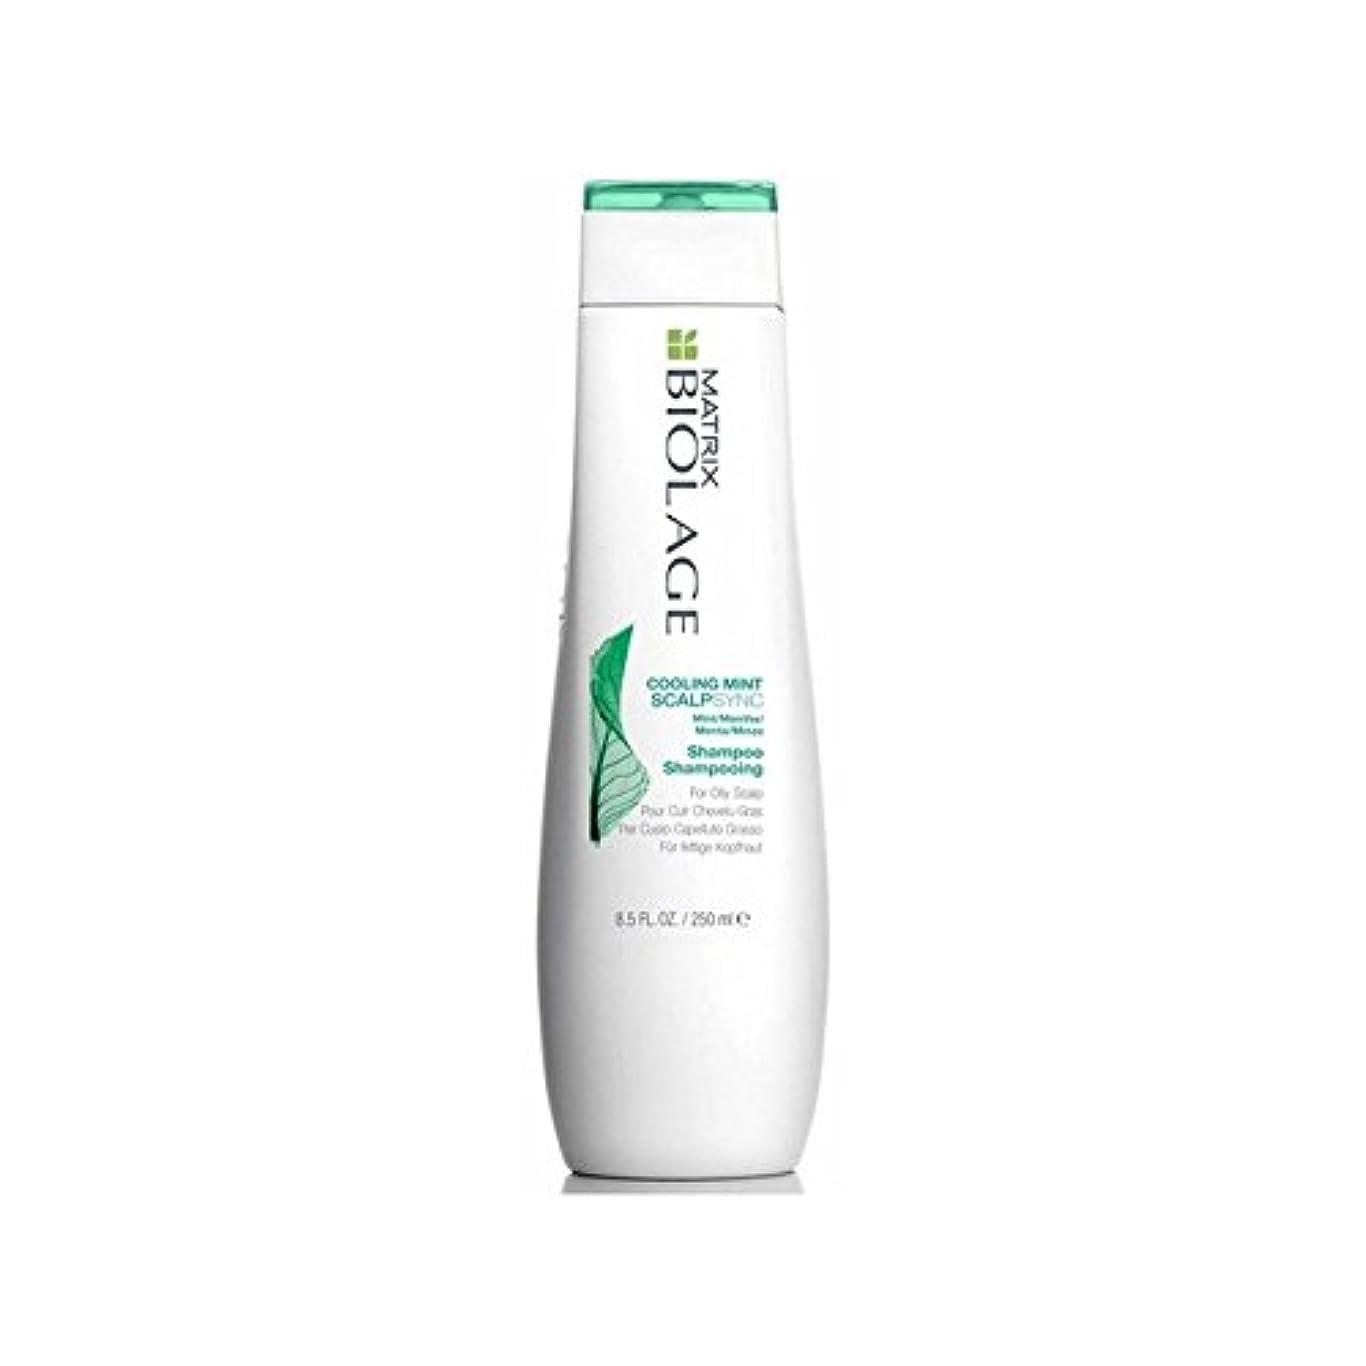 適合しました慣れている助けになるMatrix Biolage Scalptherapie Scalp Cooling Mint Shampoo (250ml) - ミントシャンプー(250ミリリットル)を冷却マトリックスバイオレイジの頭皮 [並行輸入品]